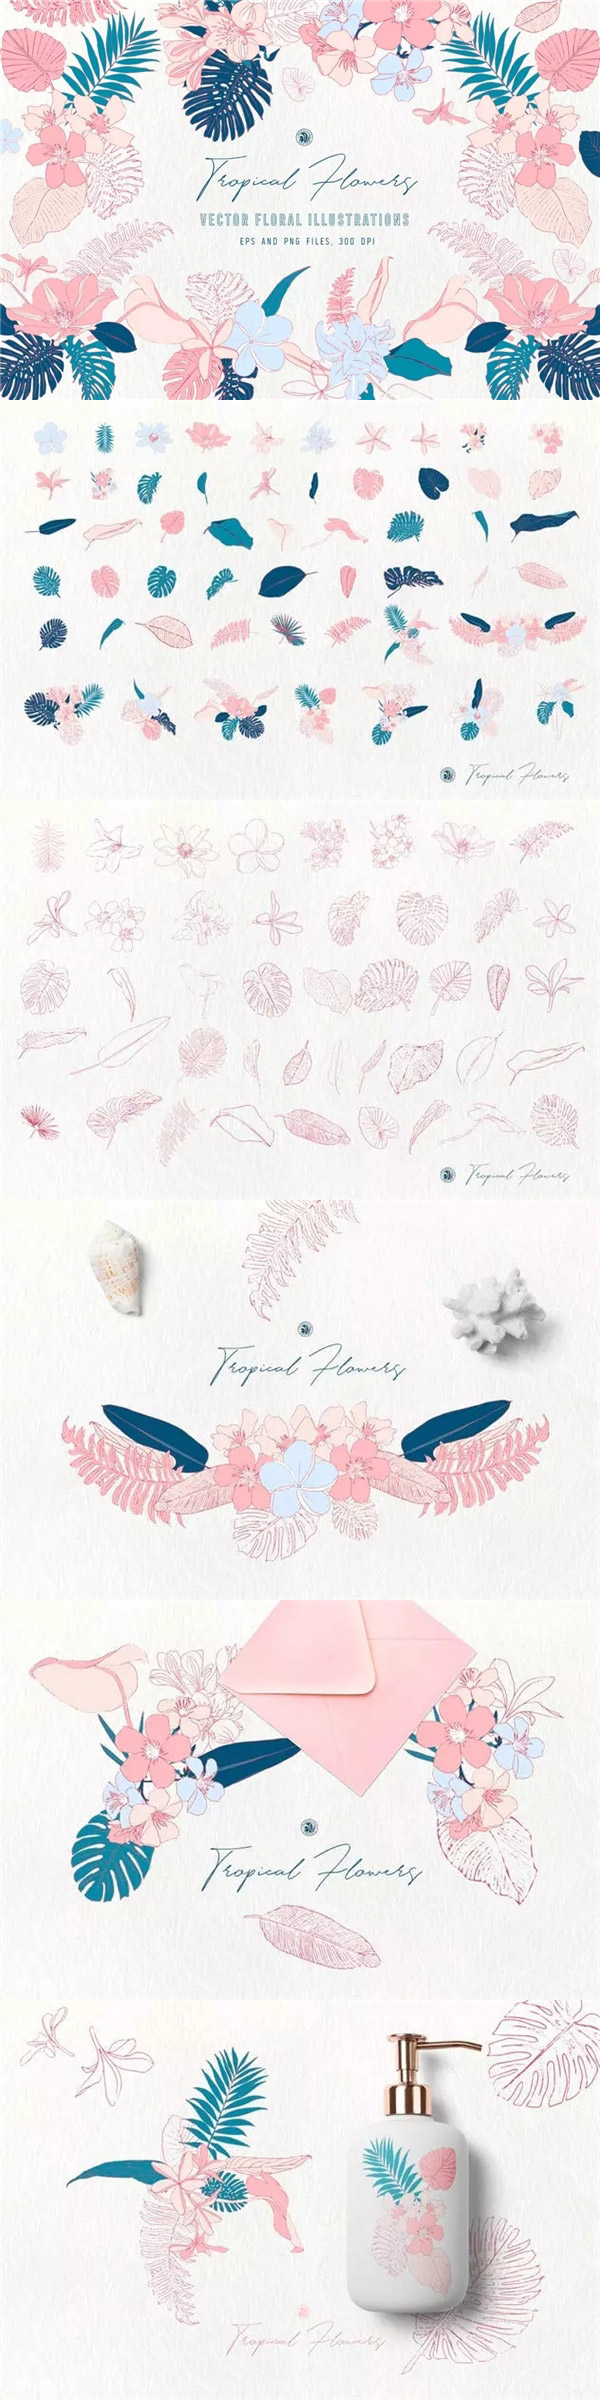 水彩手绘热带花卉